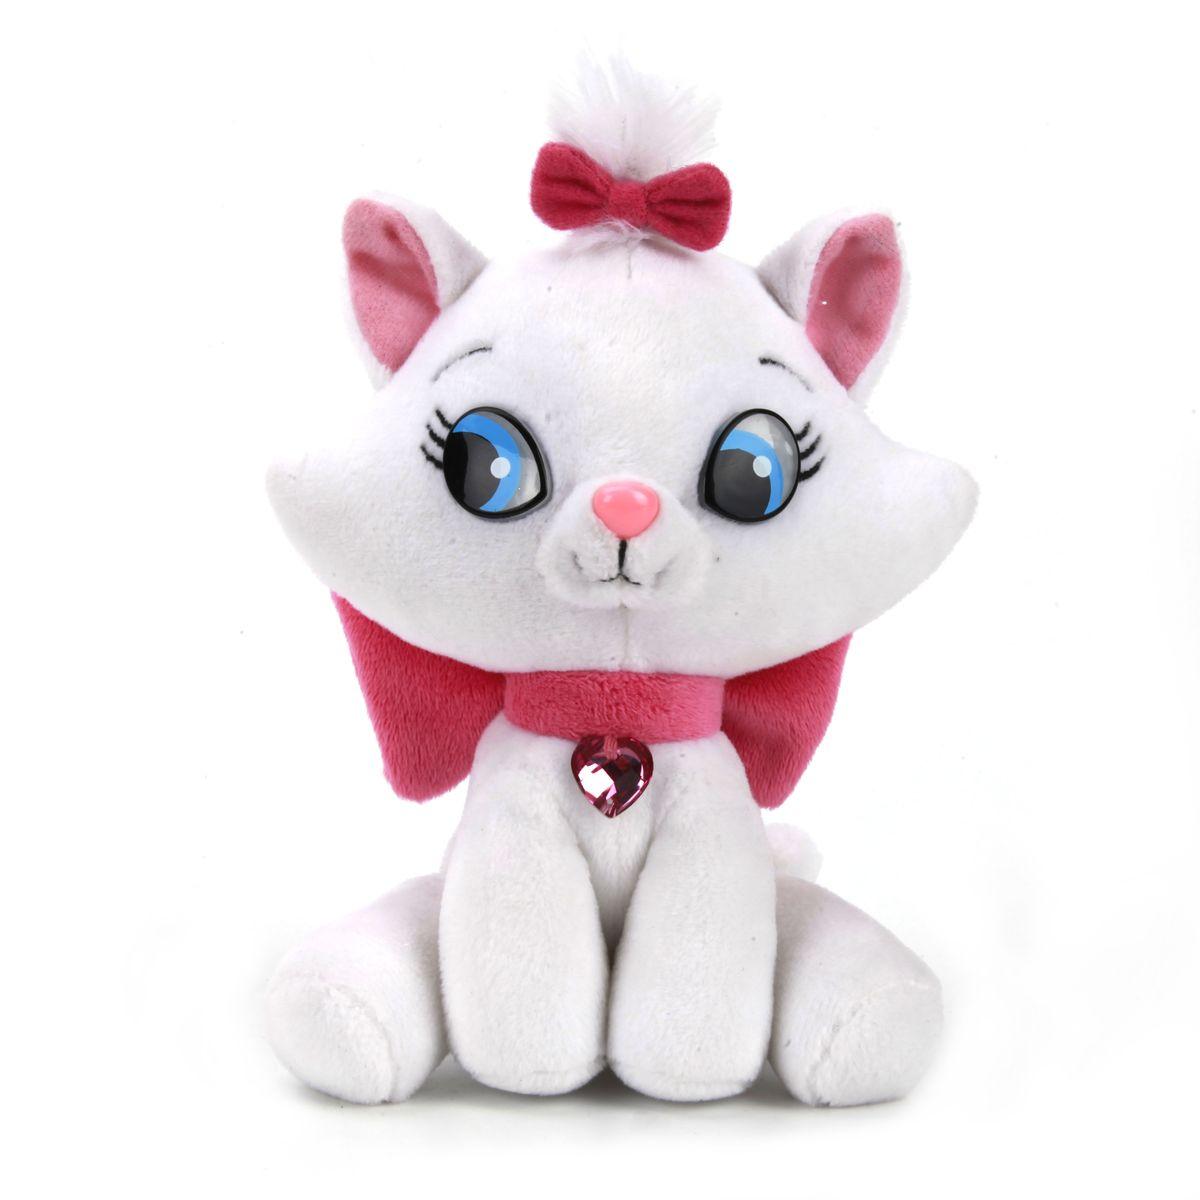 Мульти-Пульти Мягкая игрушка Disney Кошка мэриV27826/15Чудесная заяц, дизайн которой был разработан в студии Дисней. У нее добрая улыбка и улыбчивые глаза. Красотка-кошечка очень ловкая! Она учит детей заботе и бережному отношению к животным, ведь такую милую крошку просто невозможно обидеть! Игрушка сделана из качественных материалов, поэтому будет радовать вашего малыша максимально долгий скрок. Озвученая.